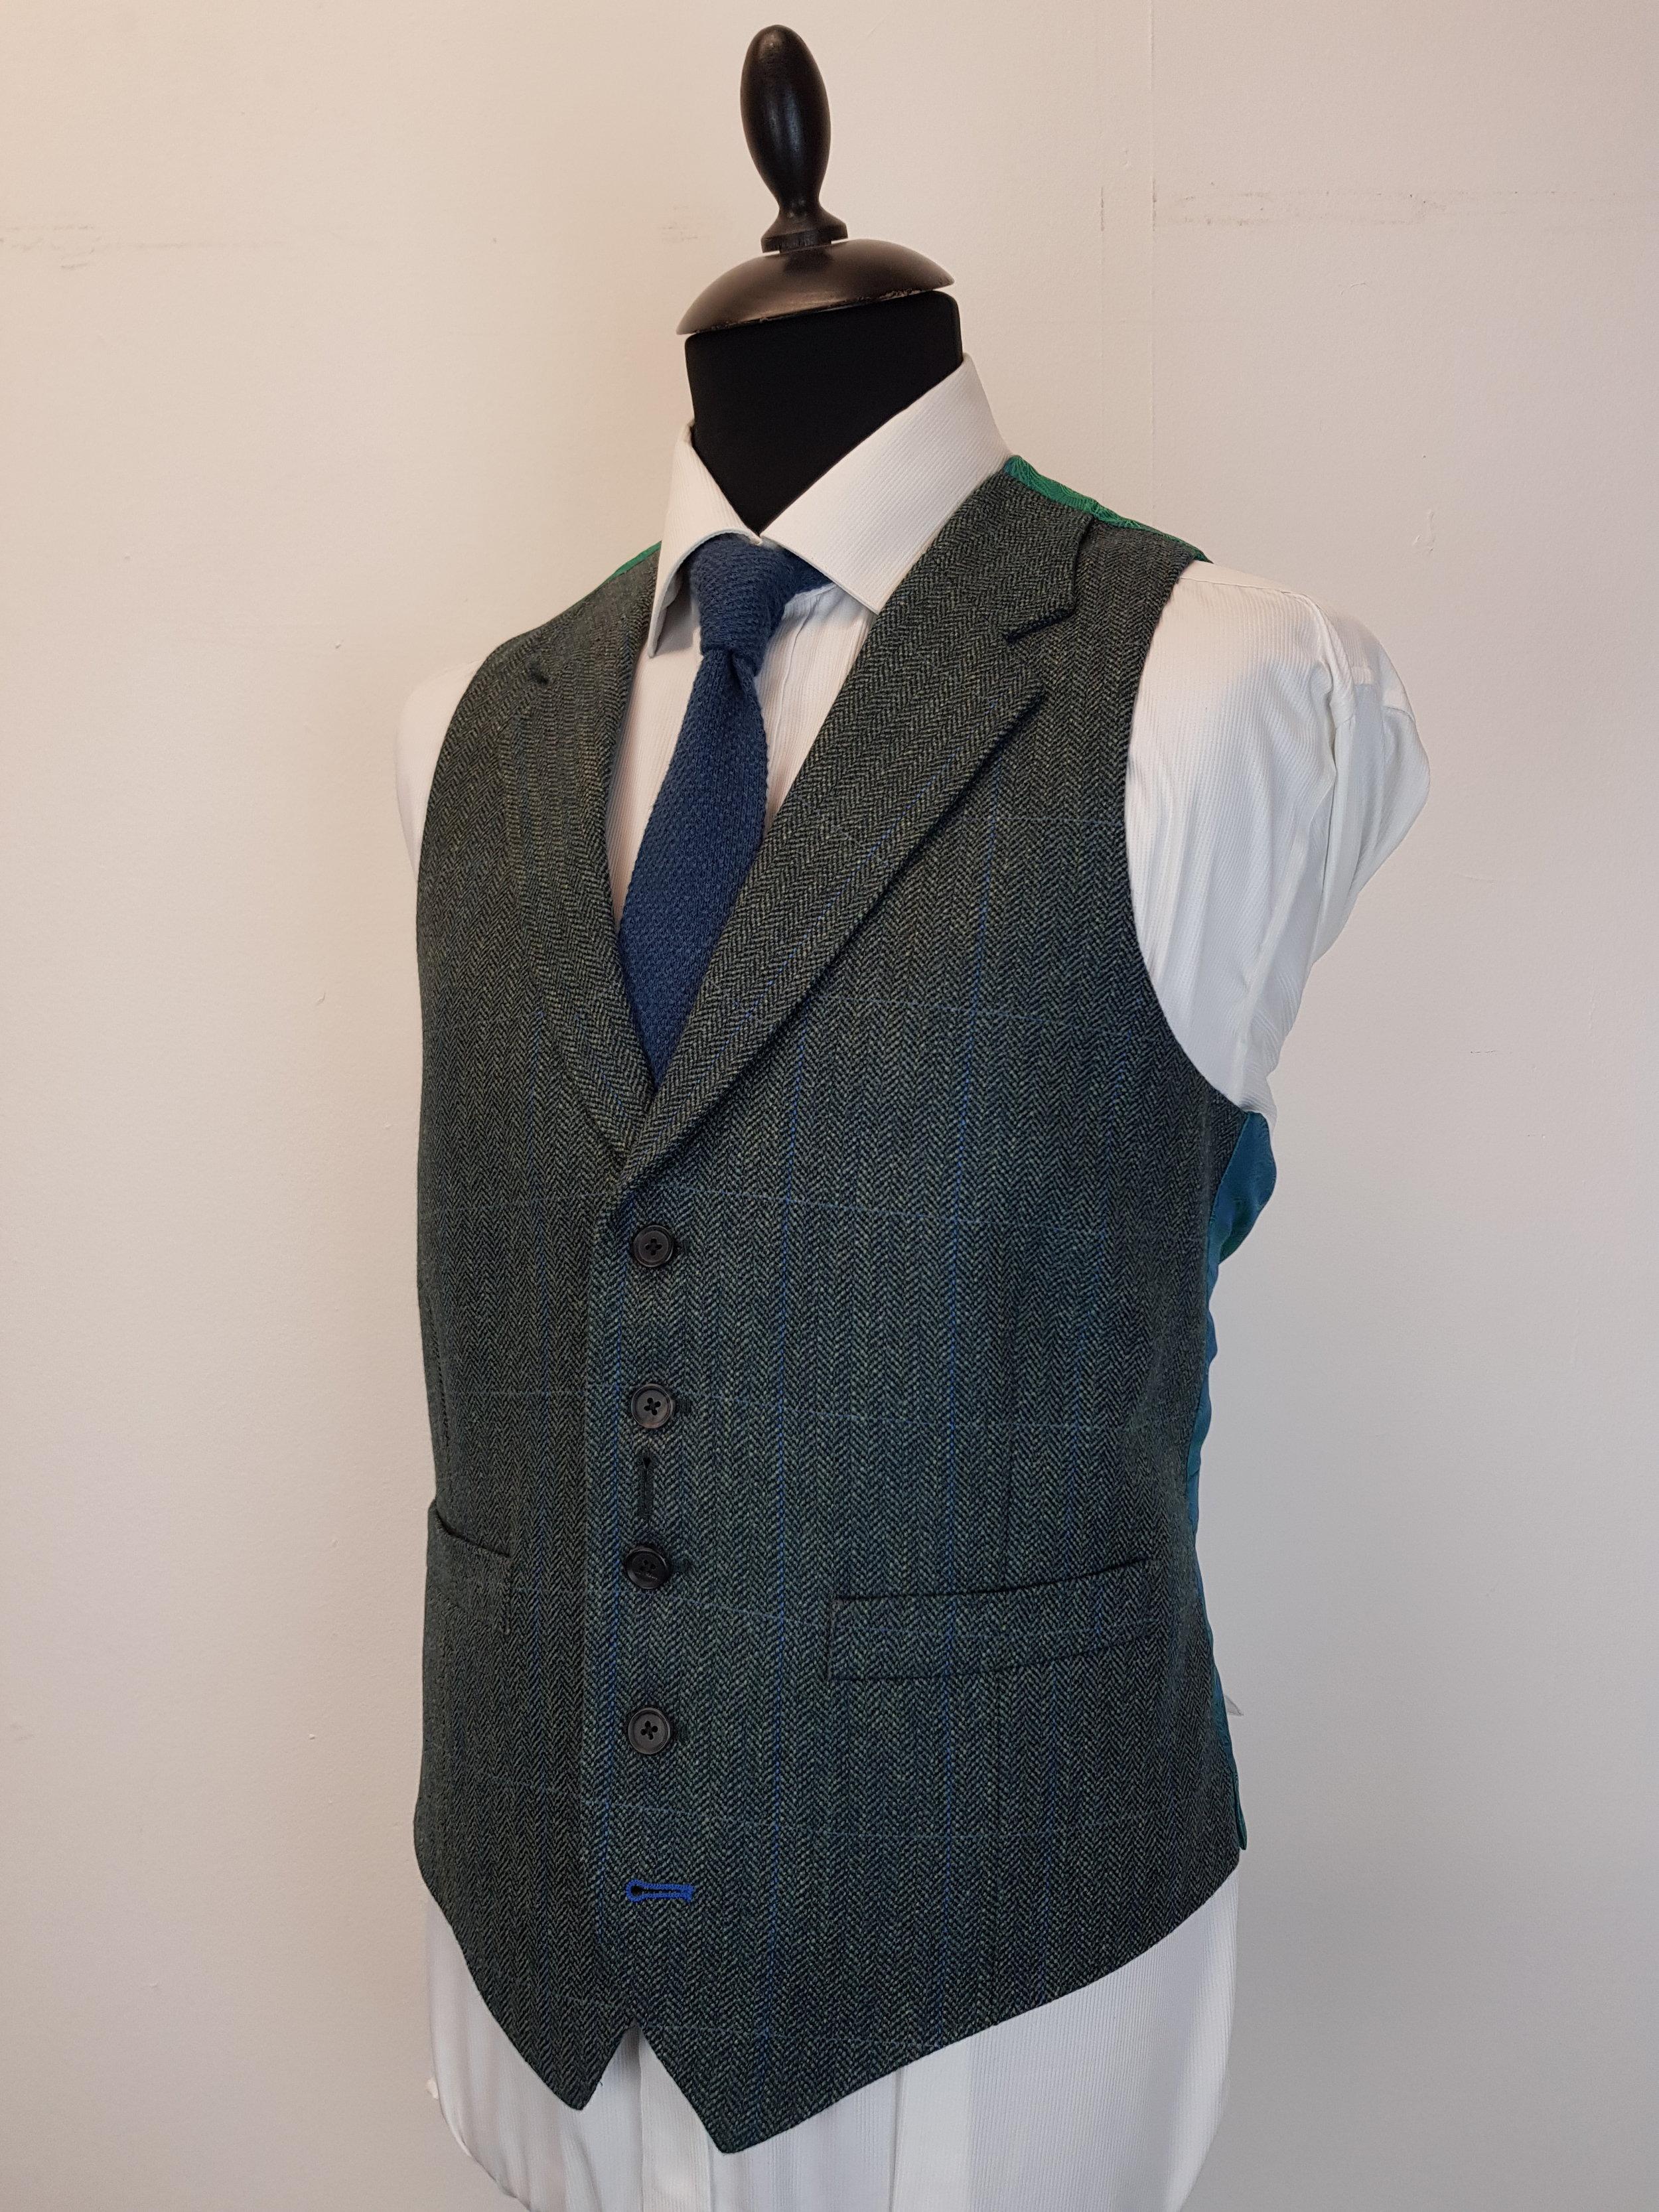 3 Piece Herringbone and check tweed suit (3).jpg